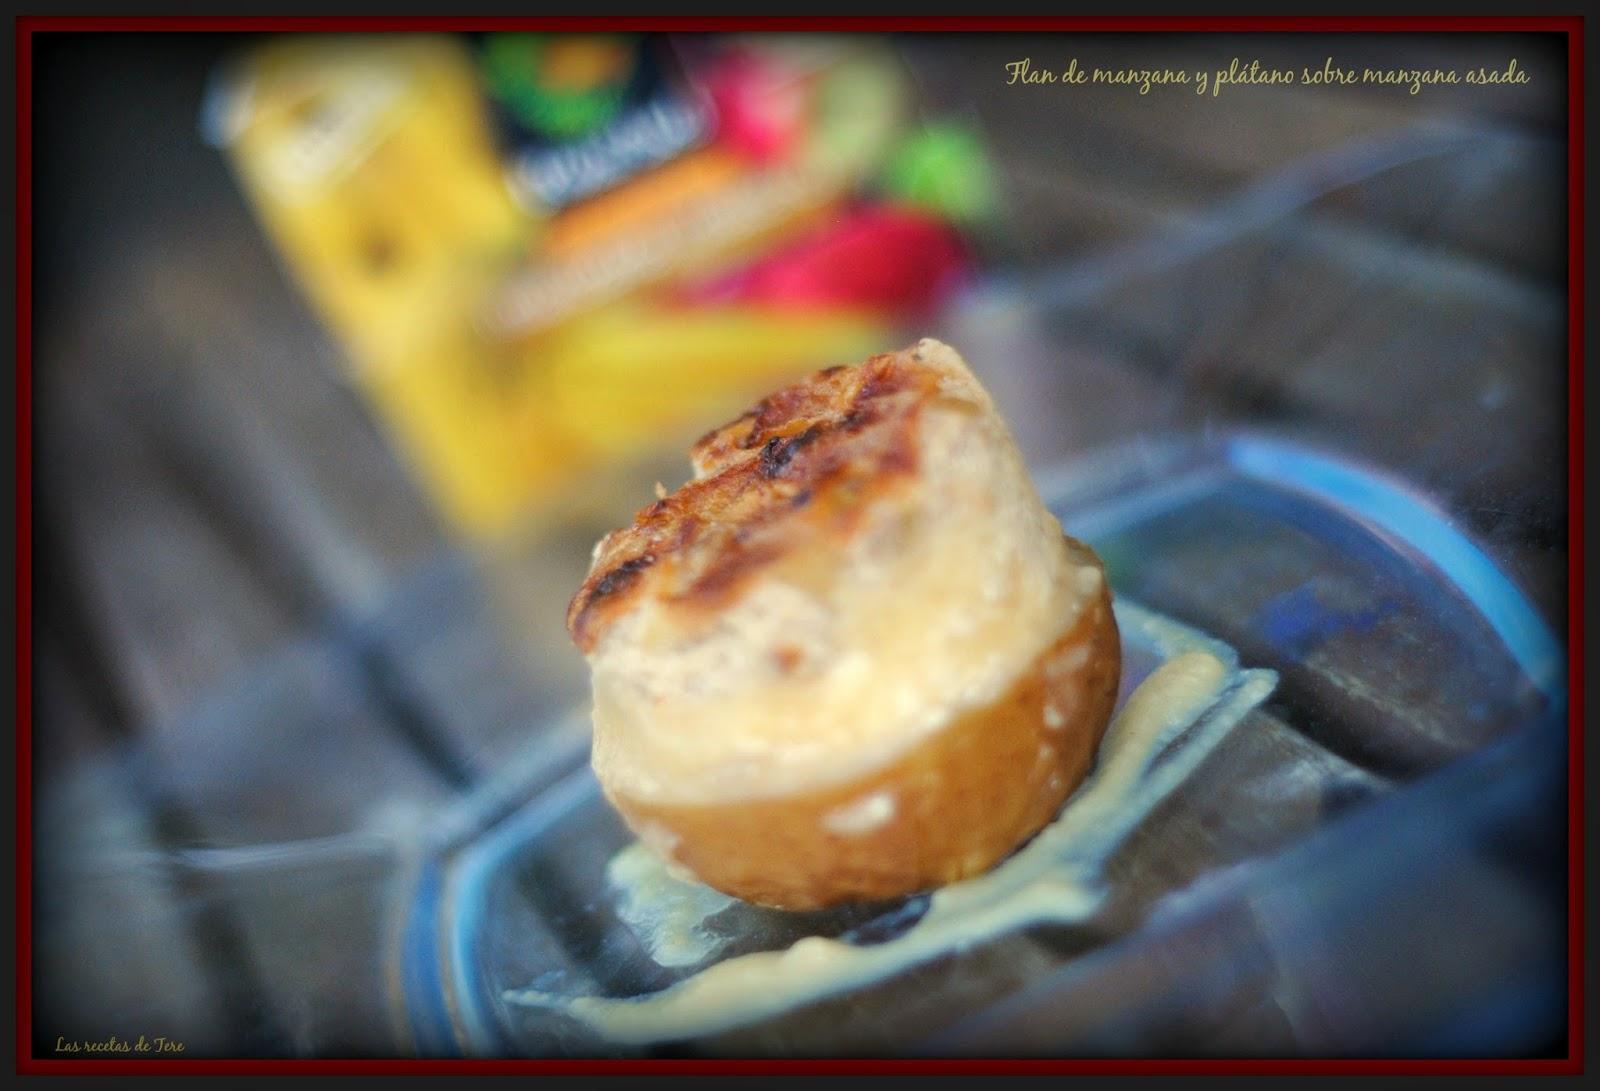 Flan de manzana y plátano sobre manzana asada 07